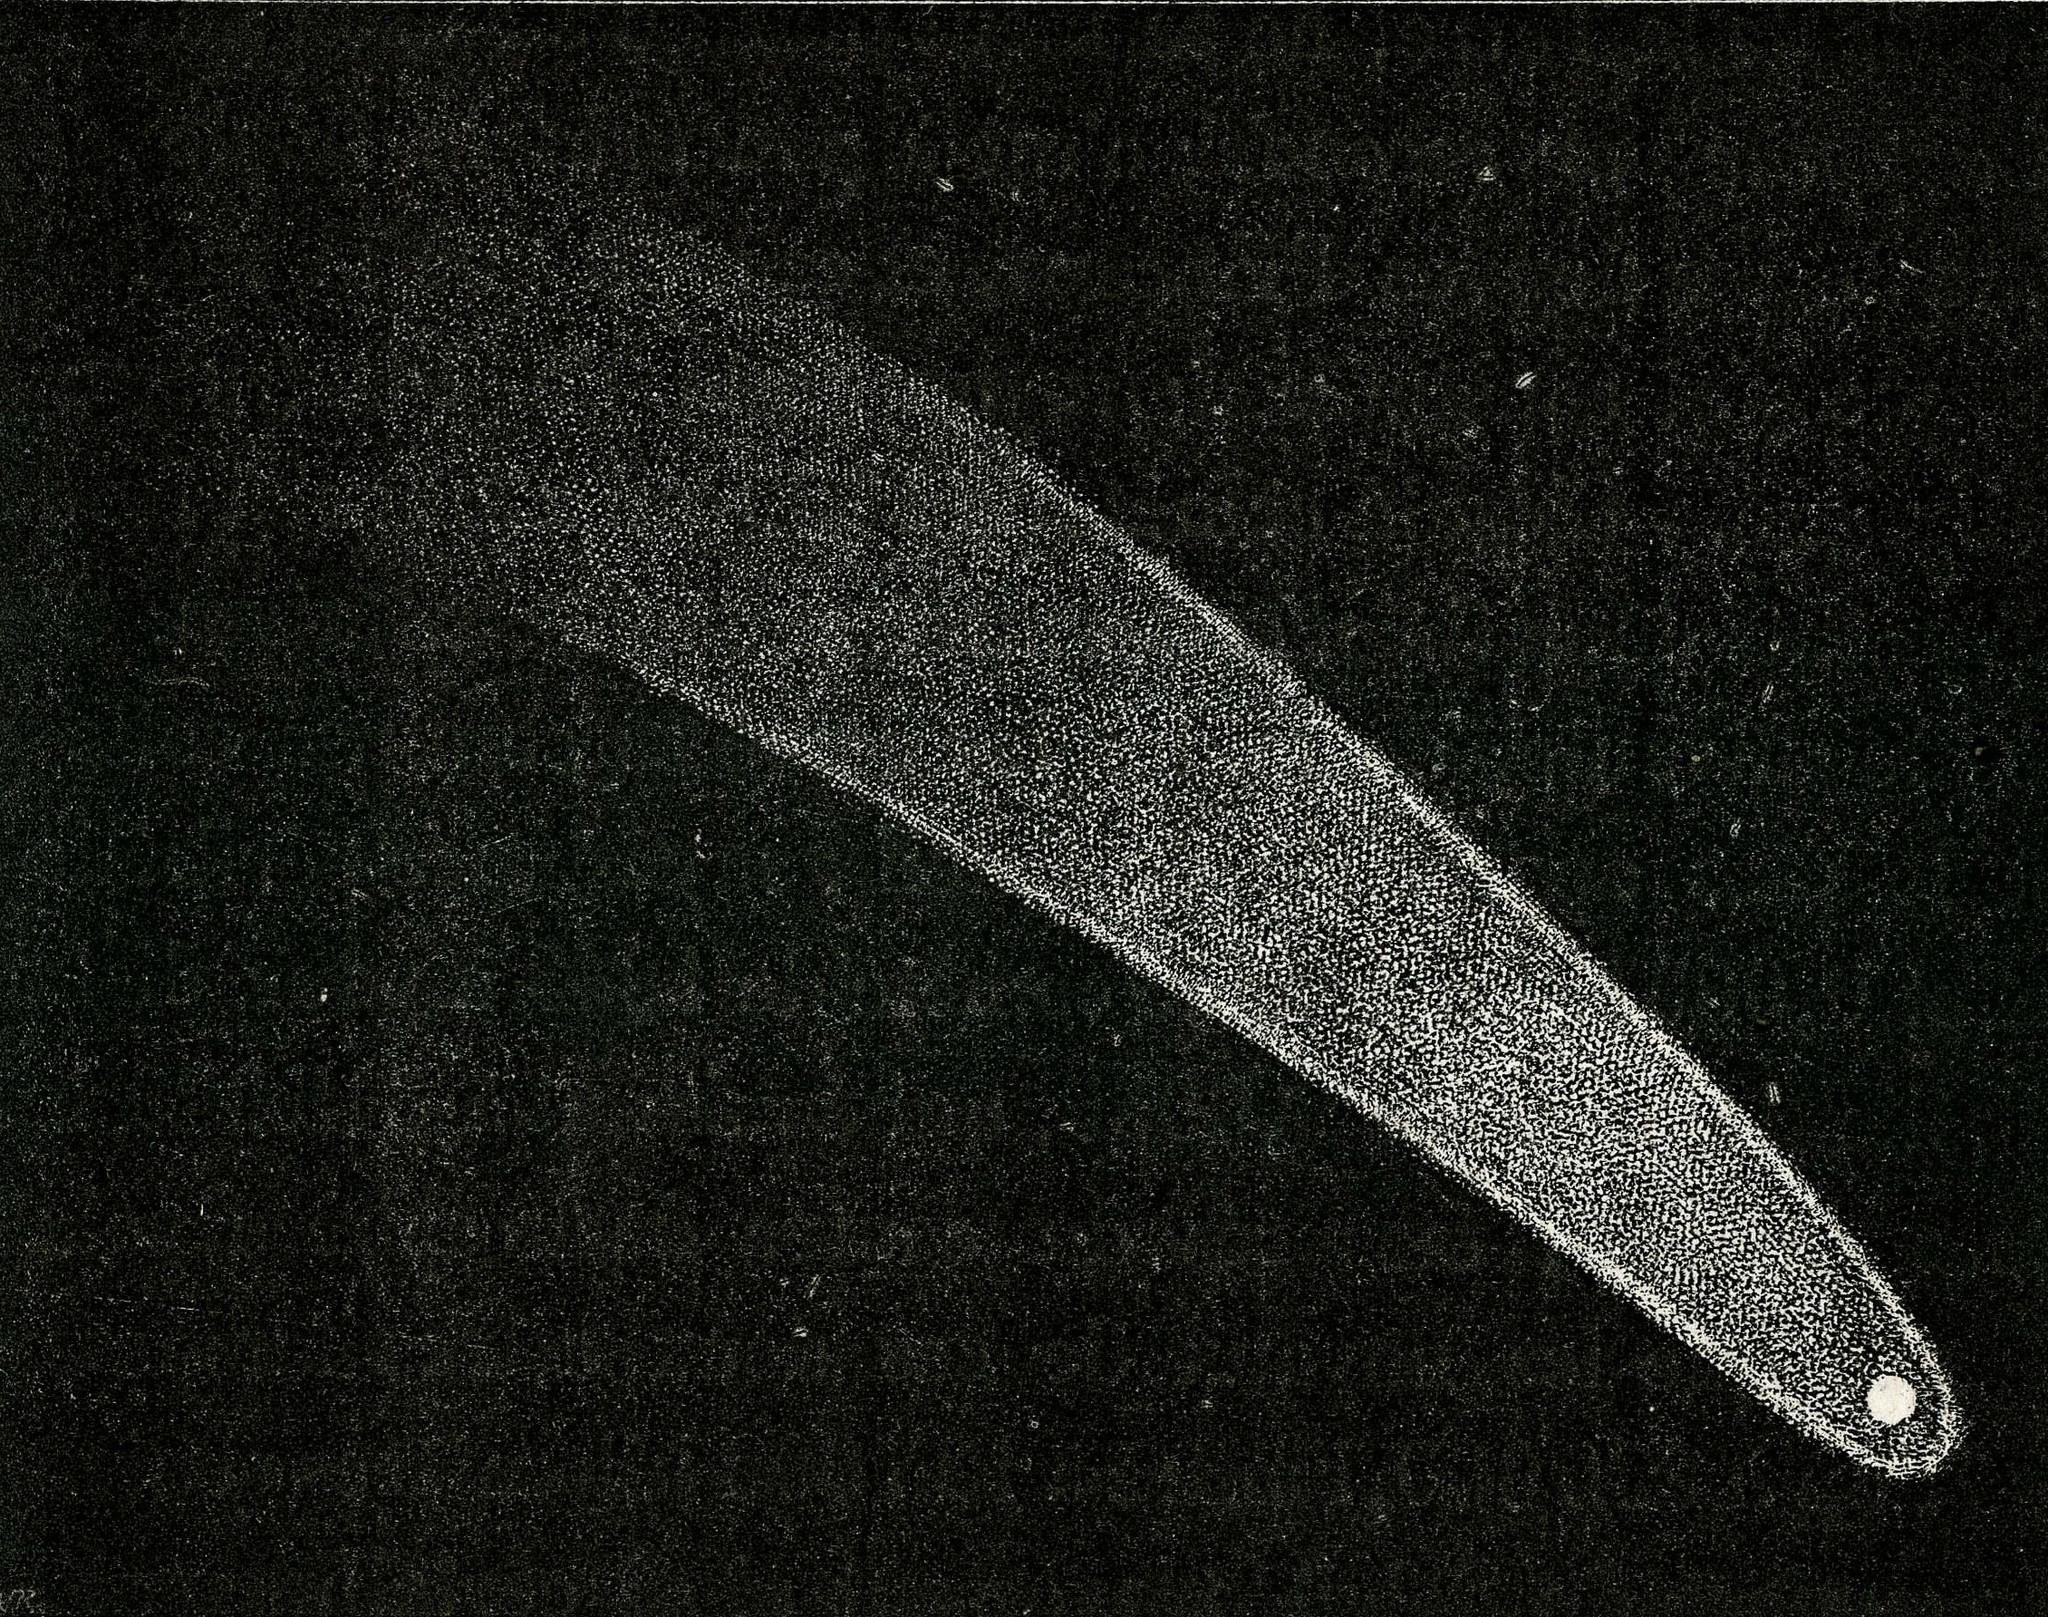 Comète C/1811 F1 Flaugergues - 3